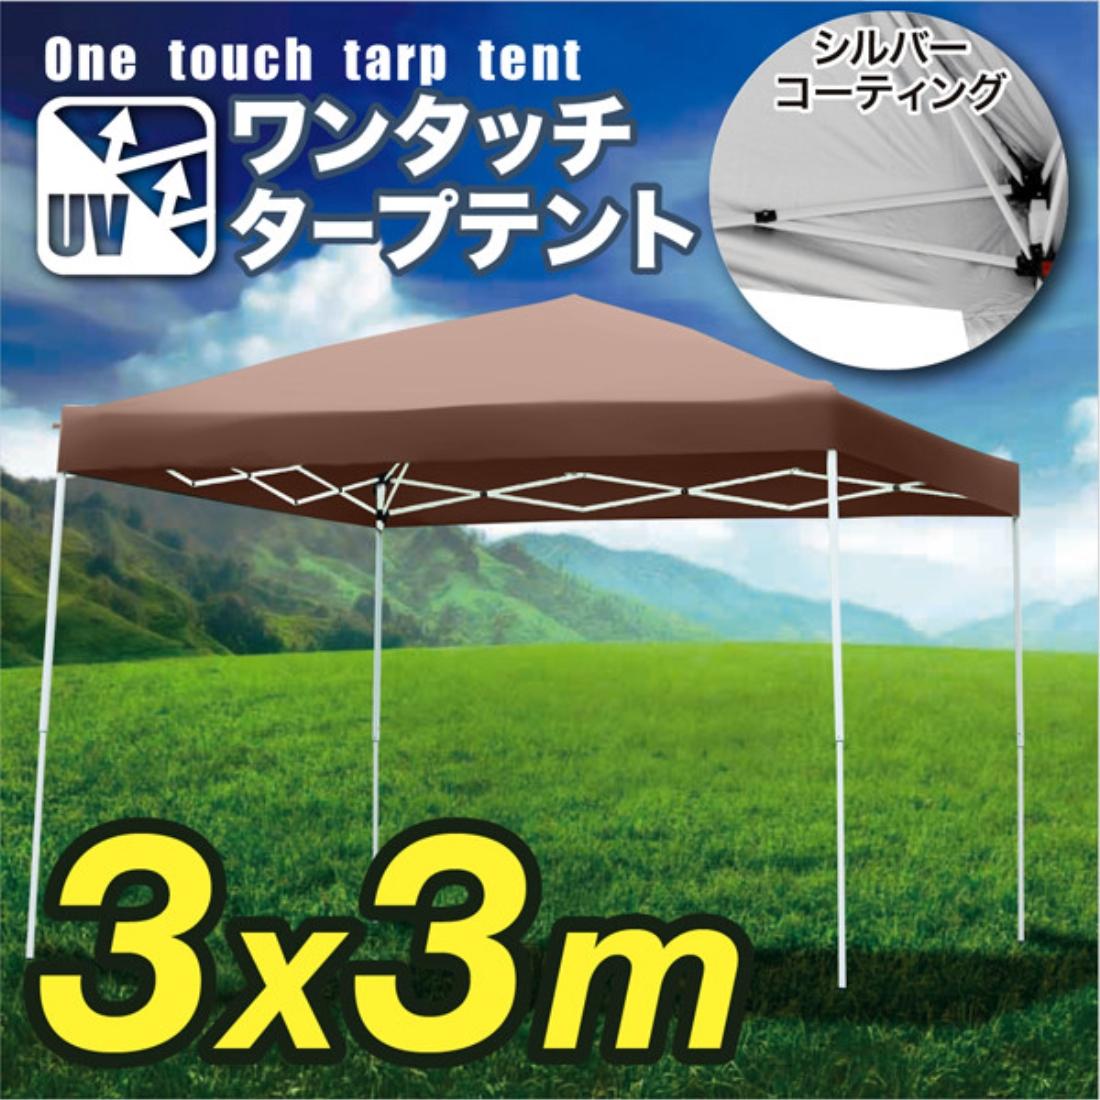 ワンタッチタープテントUV3.0m×3.0m【茶】ワンタッチ タープ テント イベント レジャー